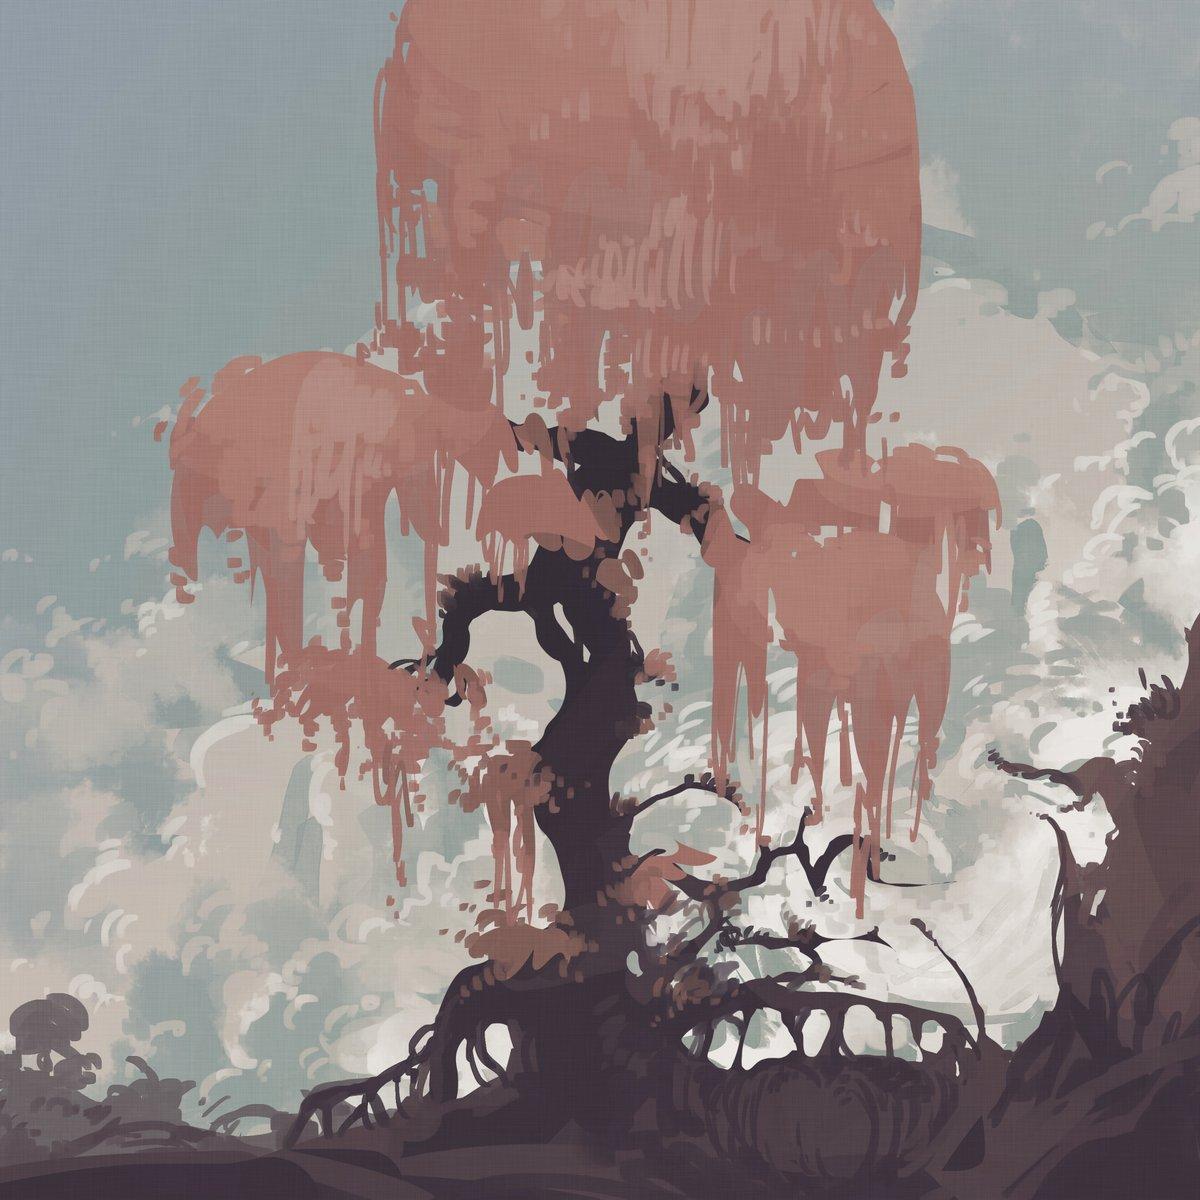 配色で迷ってたらよさげなカラーパレット見つけたので風景画描きました